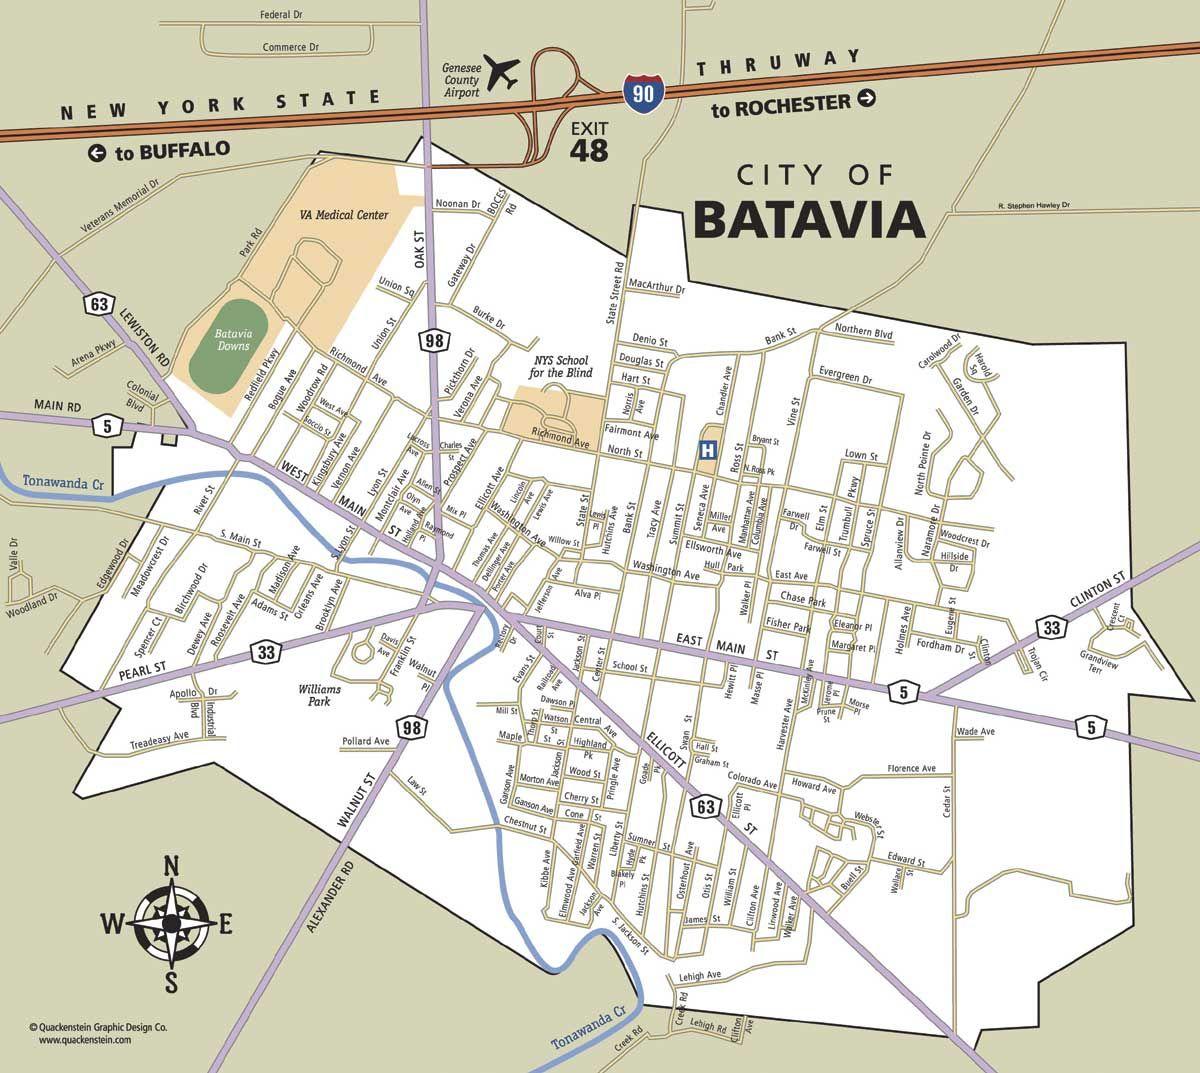 Map Of Batavia Ny Geneseecountyny Bataviany Travel Tips For